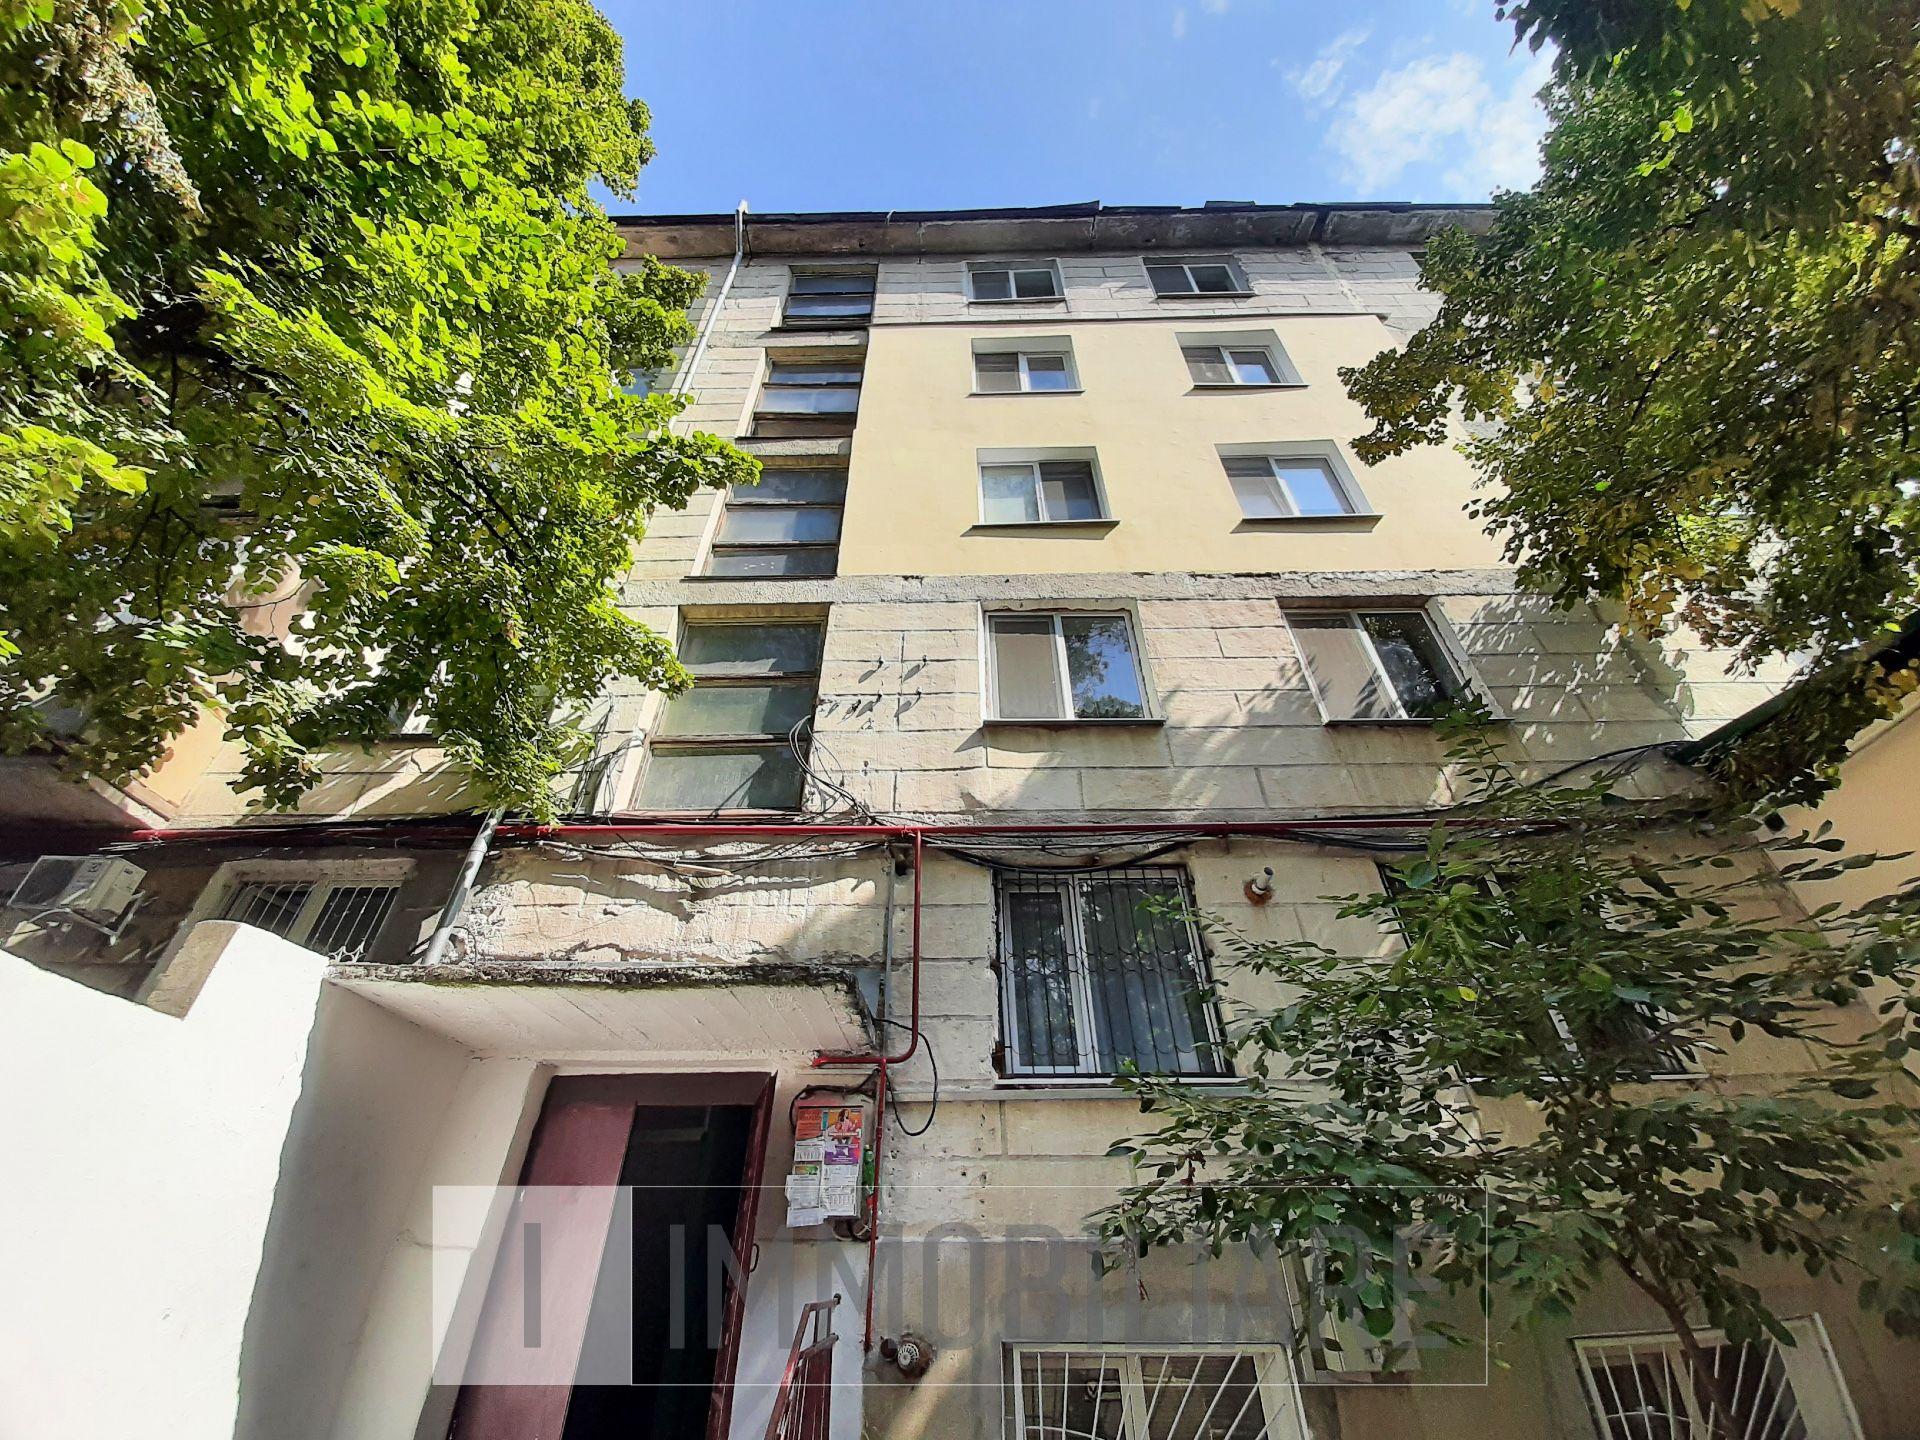 Apartament cu 1 cameră, sect. Botanica, str. Cetatea Albă.